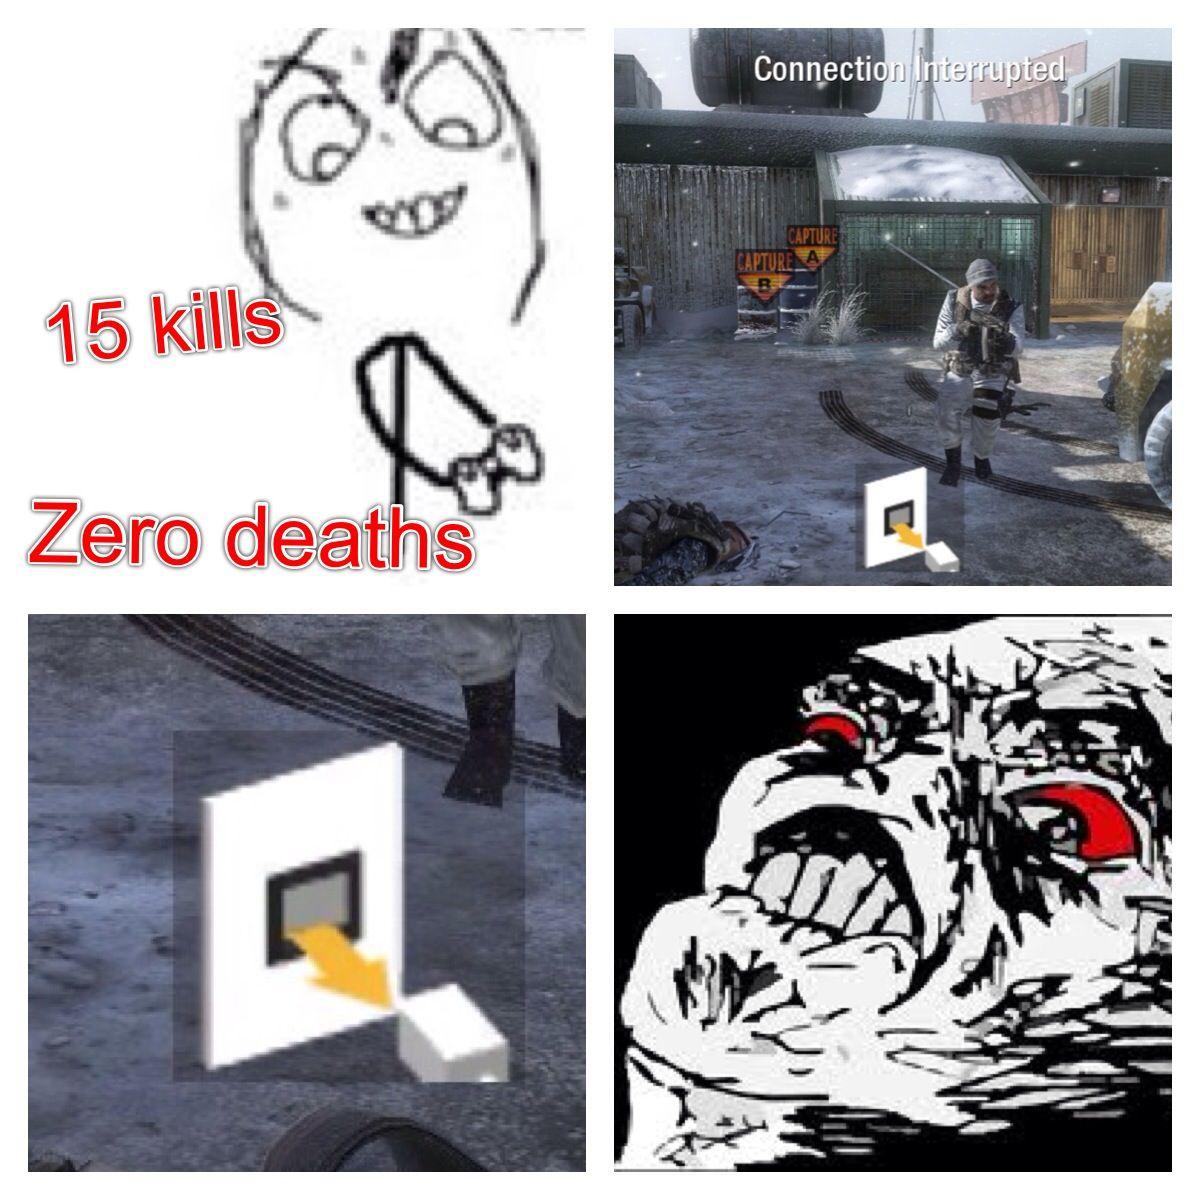 2fae34a4748b46efd26c10963cc1b9f7 and then someone two feet away u are shooting at kills u instead of